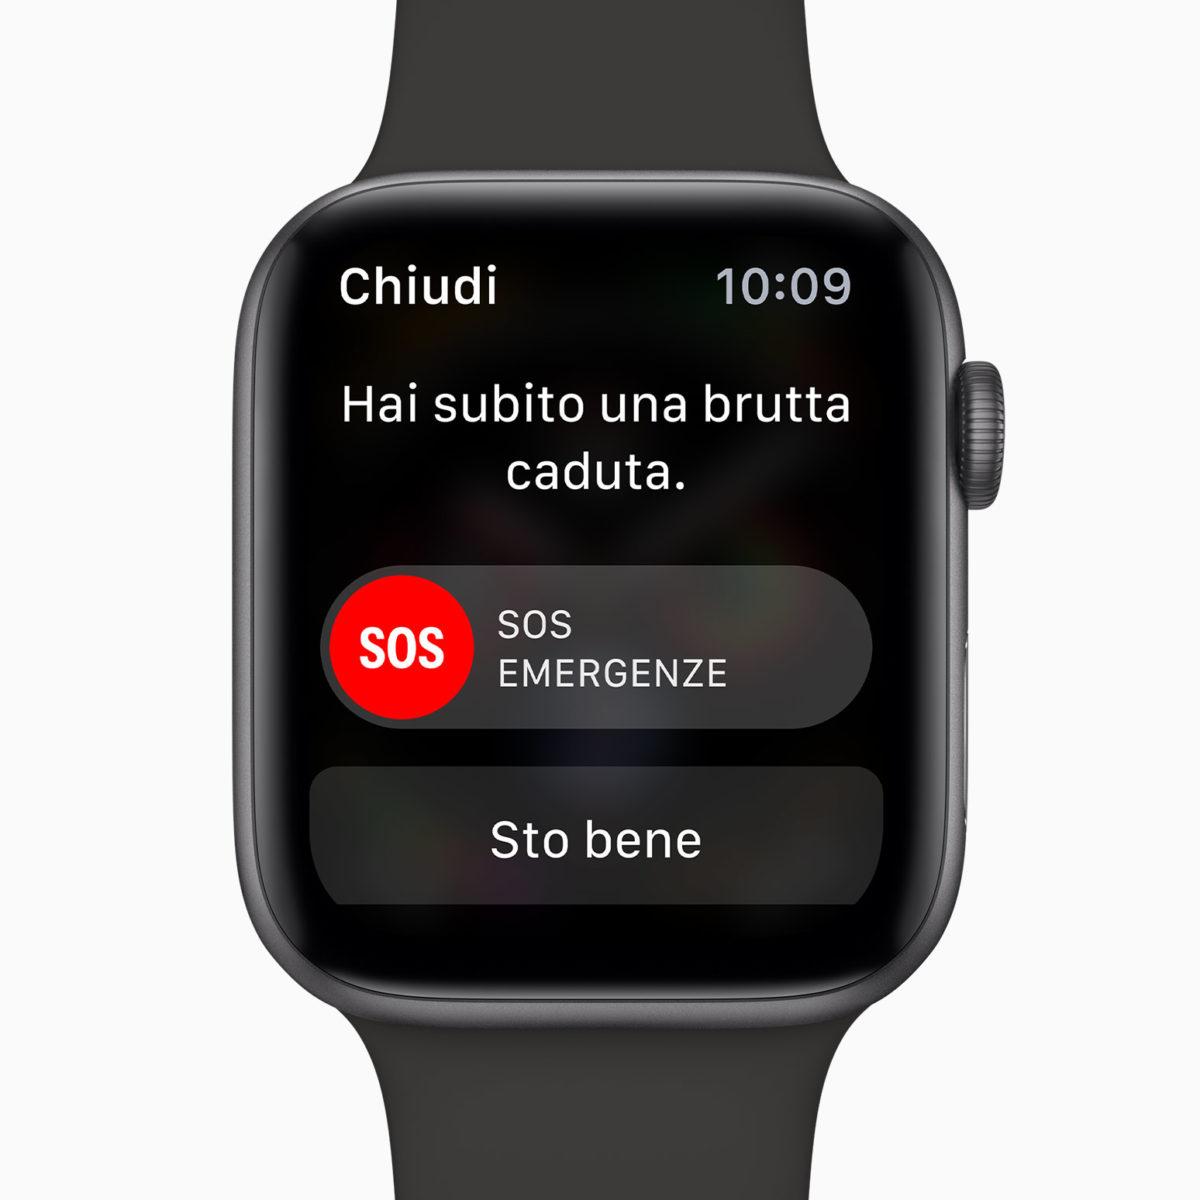 Il rilevamento cadute di Apple Watch 4 ha aiutato una 87enne a chiamare i soccorsi dopo un incidente